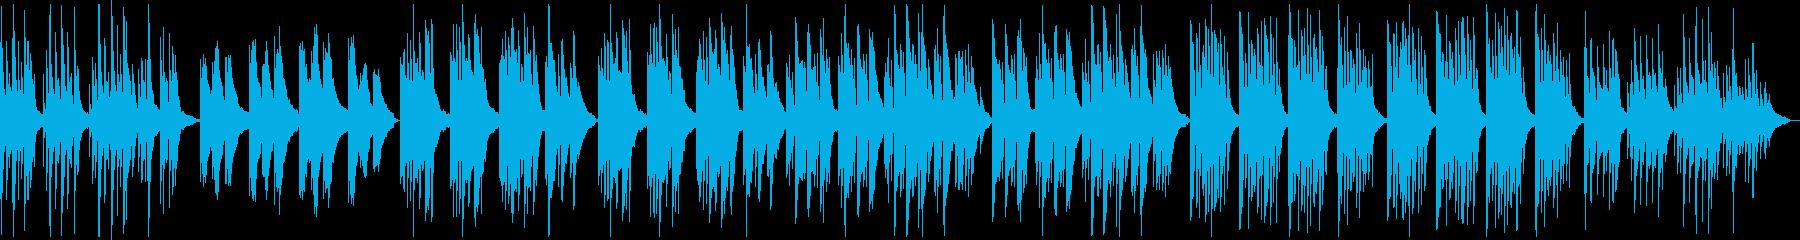 青春感じるノスタルジックな切ないピアノ曲の再生済みの波形